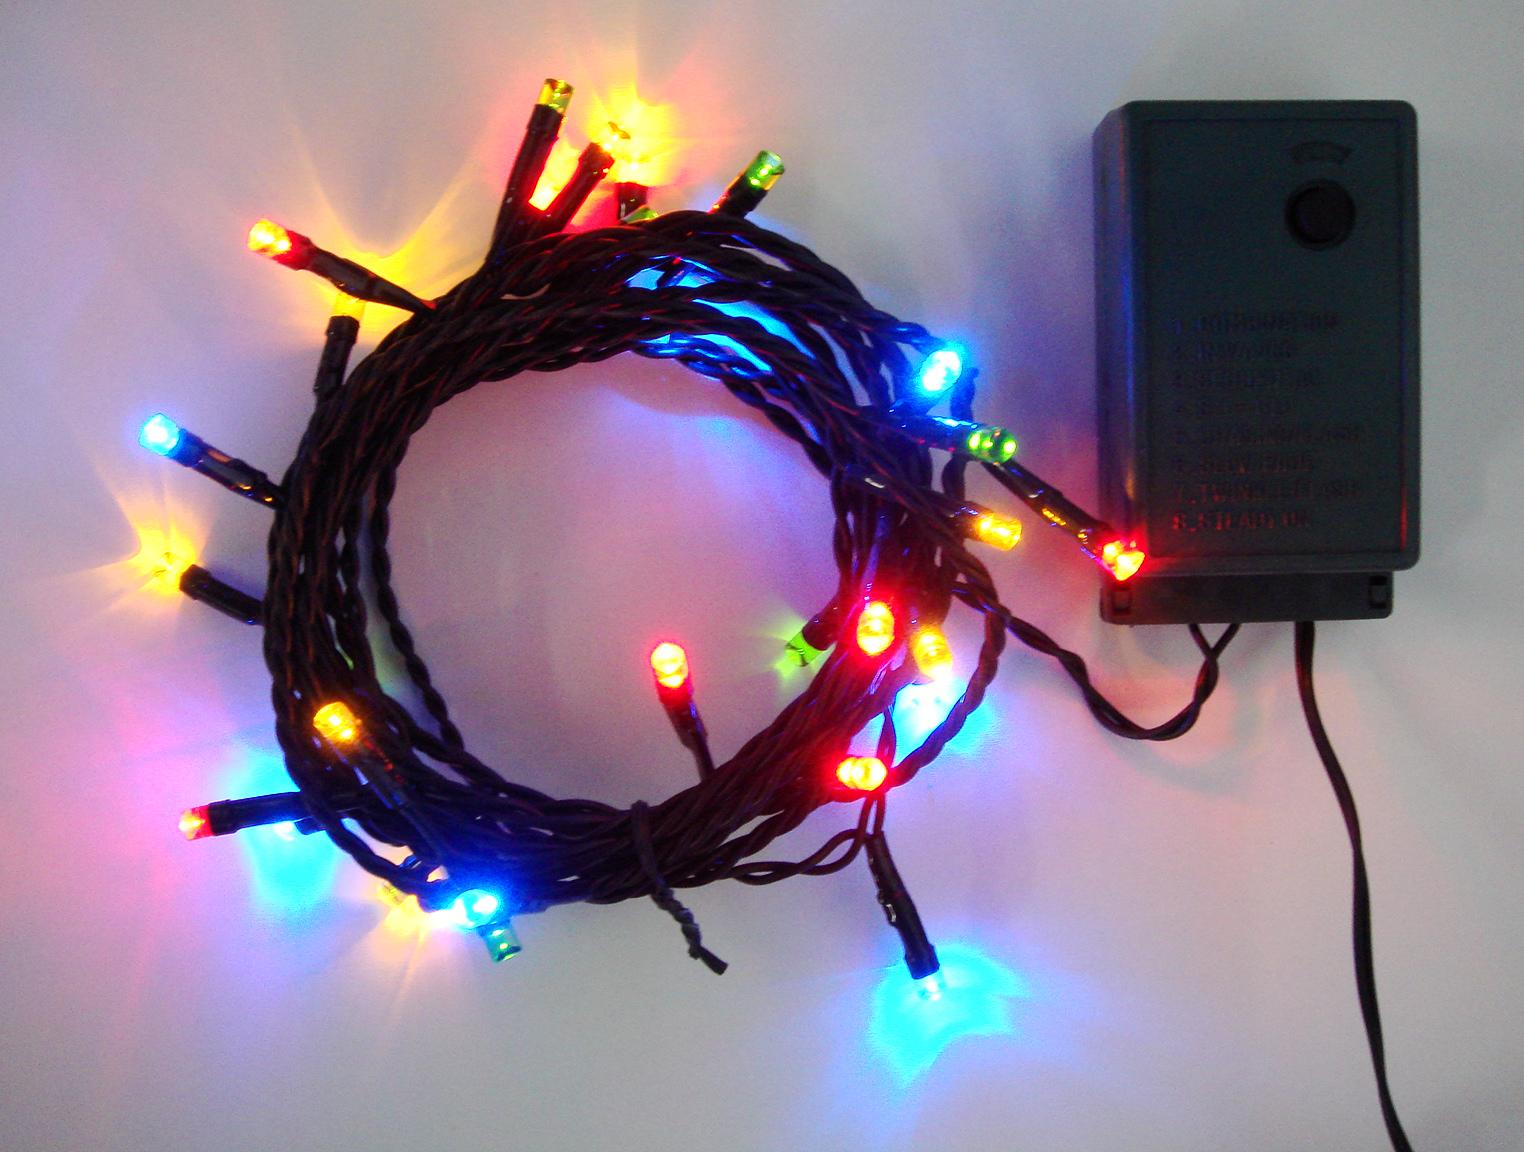 100球4色MIX 点滅室内用LEDイルミネーションライト/4色ミックス/点滅/ストレートコード/グリーンコード/コントローラー付き (コロナ産業)